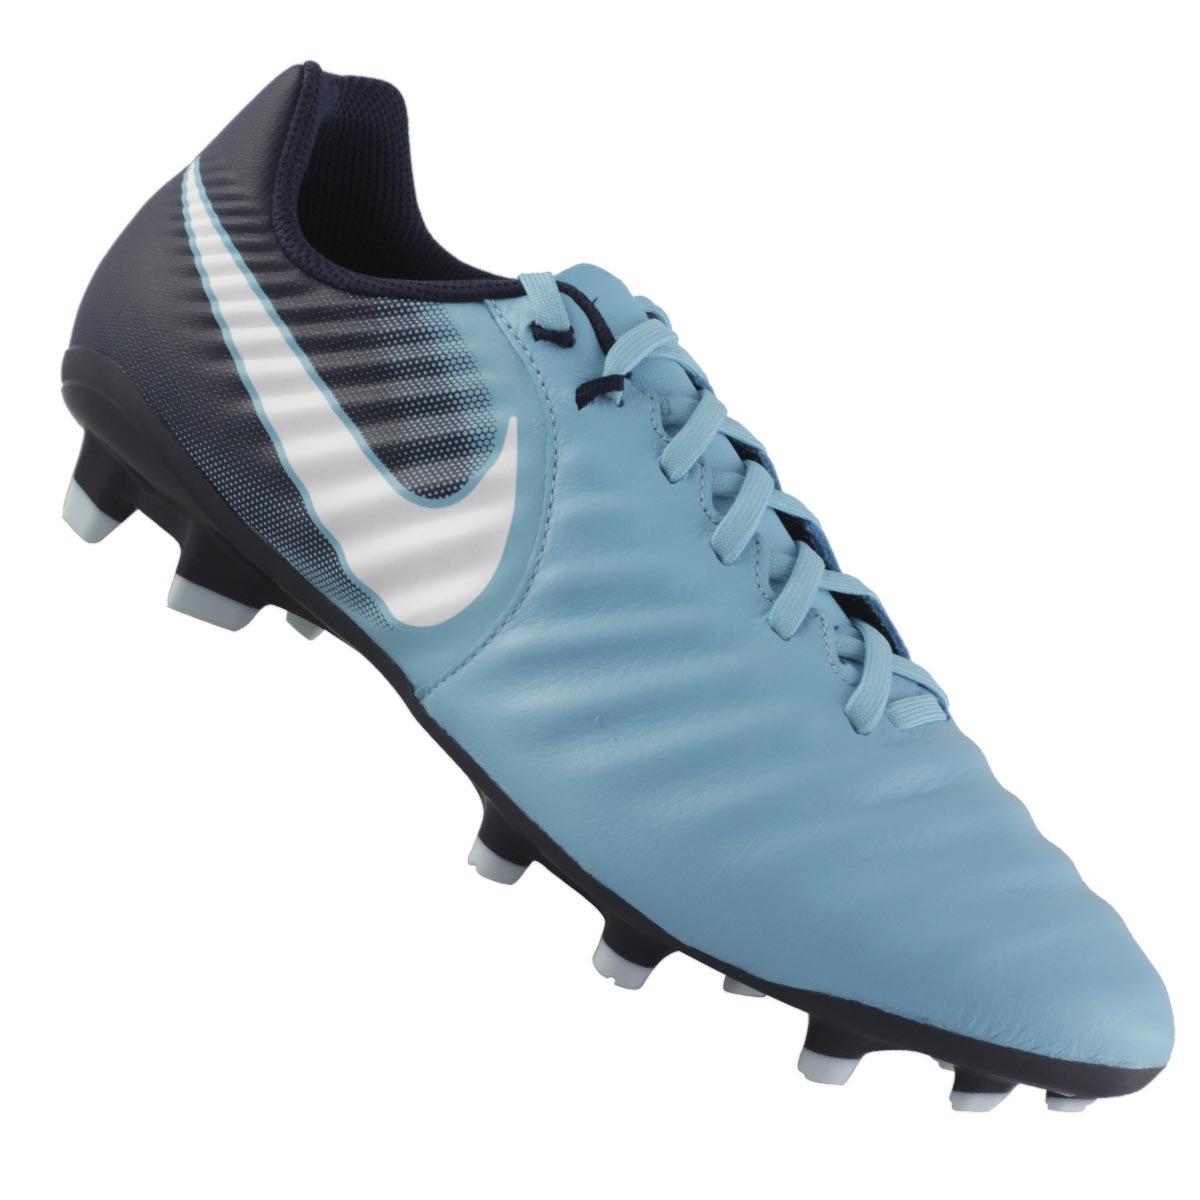 Chuteira Nike Tiempo Ligera IV FG  c9bd84647192e